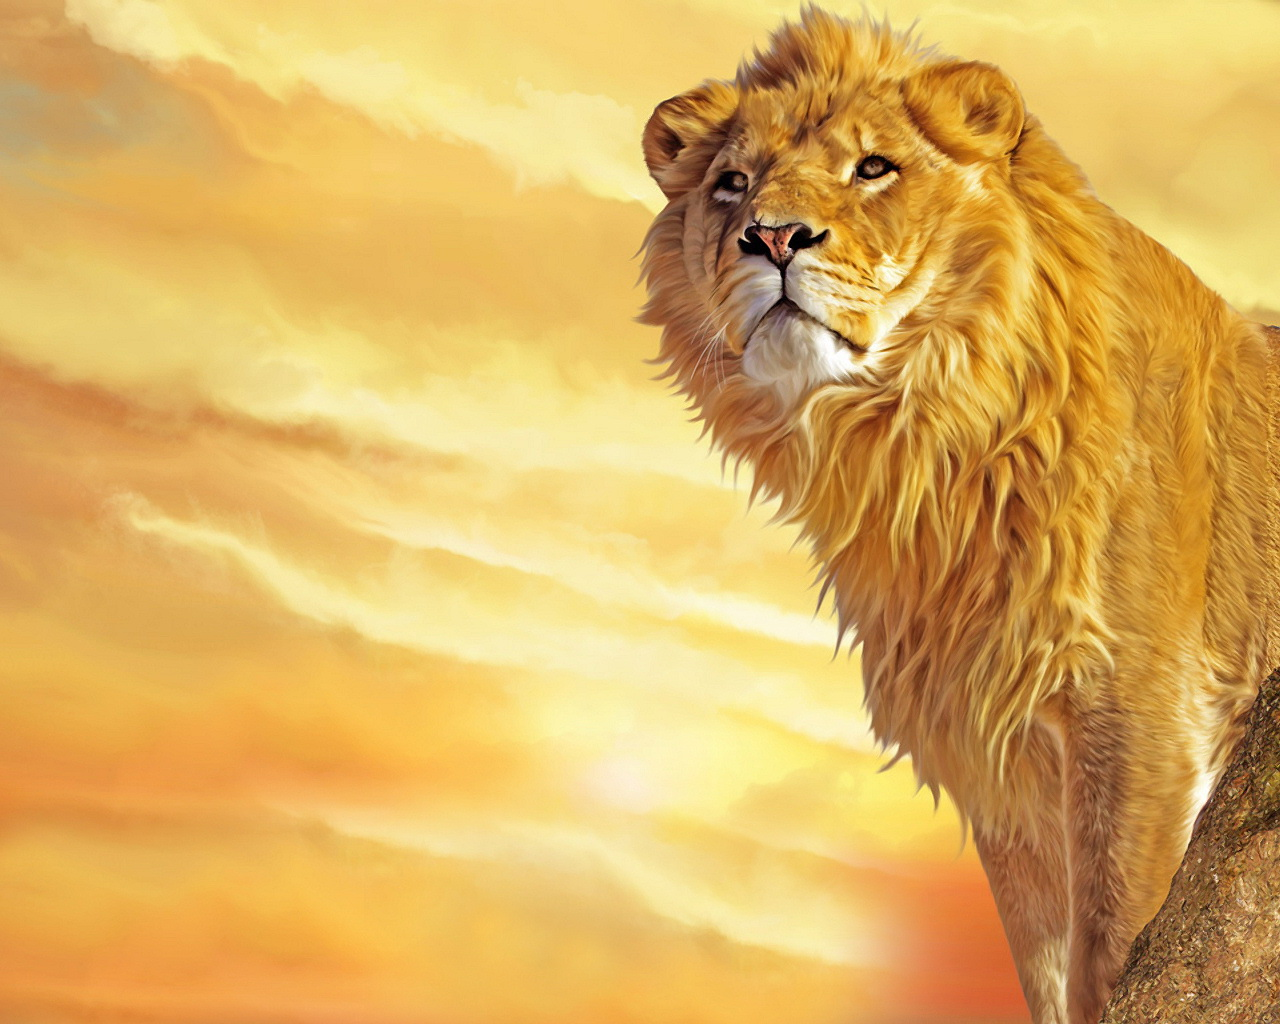 http://2.bp.blogspot.com/-tRmO12AOiuU/Tba6gq73jfI/AAAAAAAAFLQ/NrFbXZcQPus/s1600/Jungle+Nature+%252828%2529.jpg